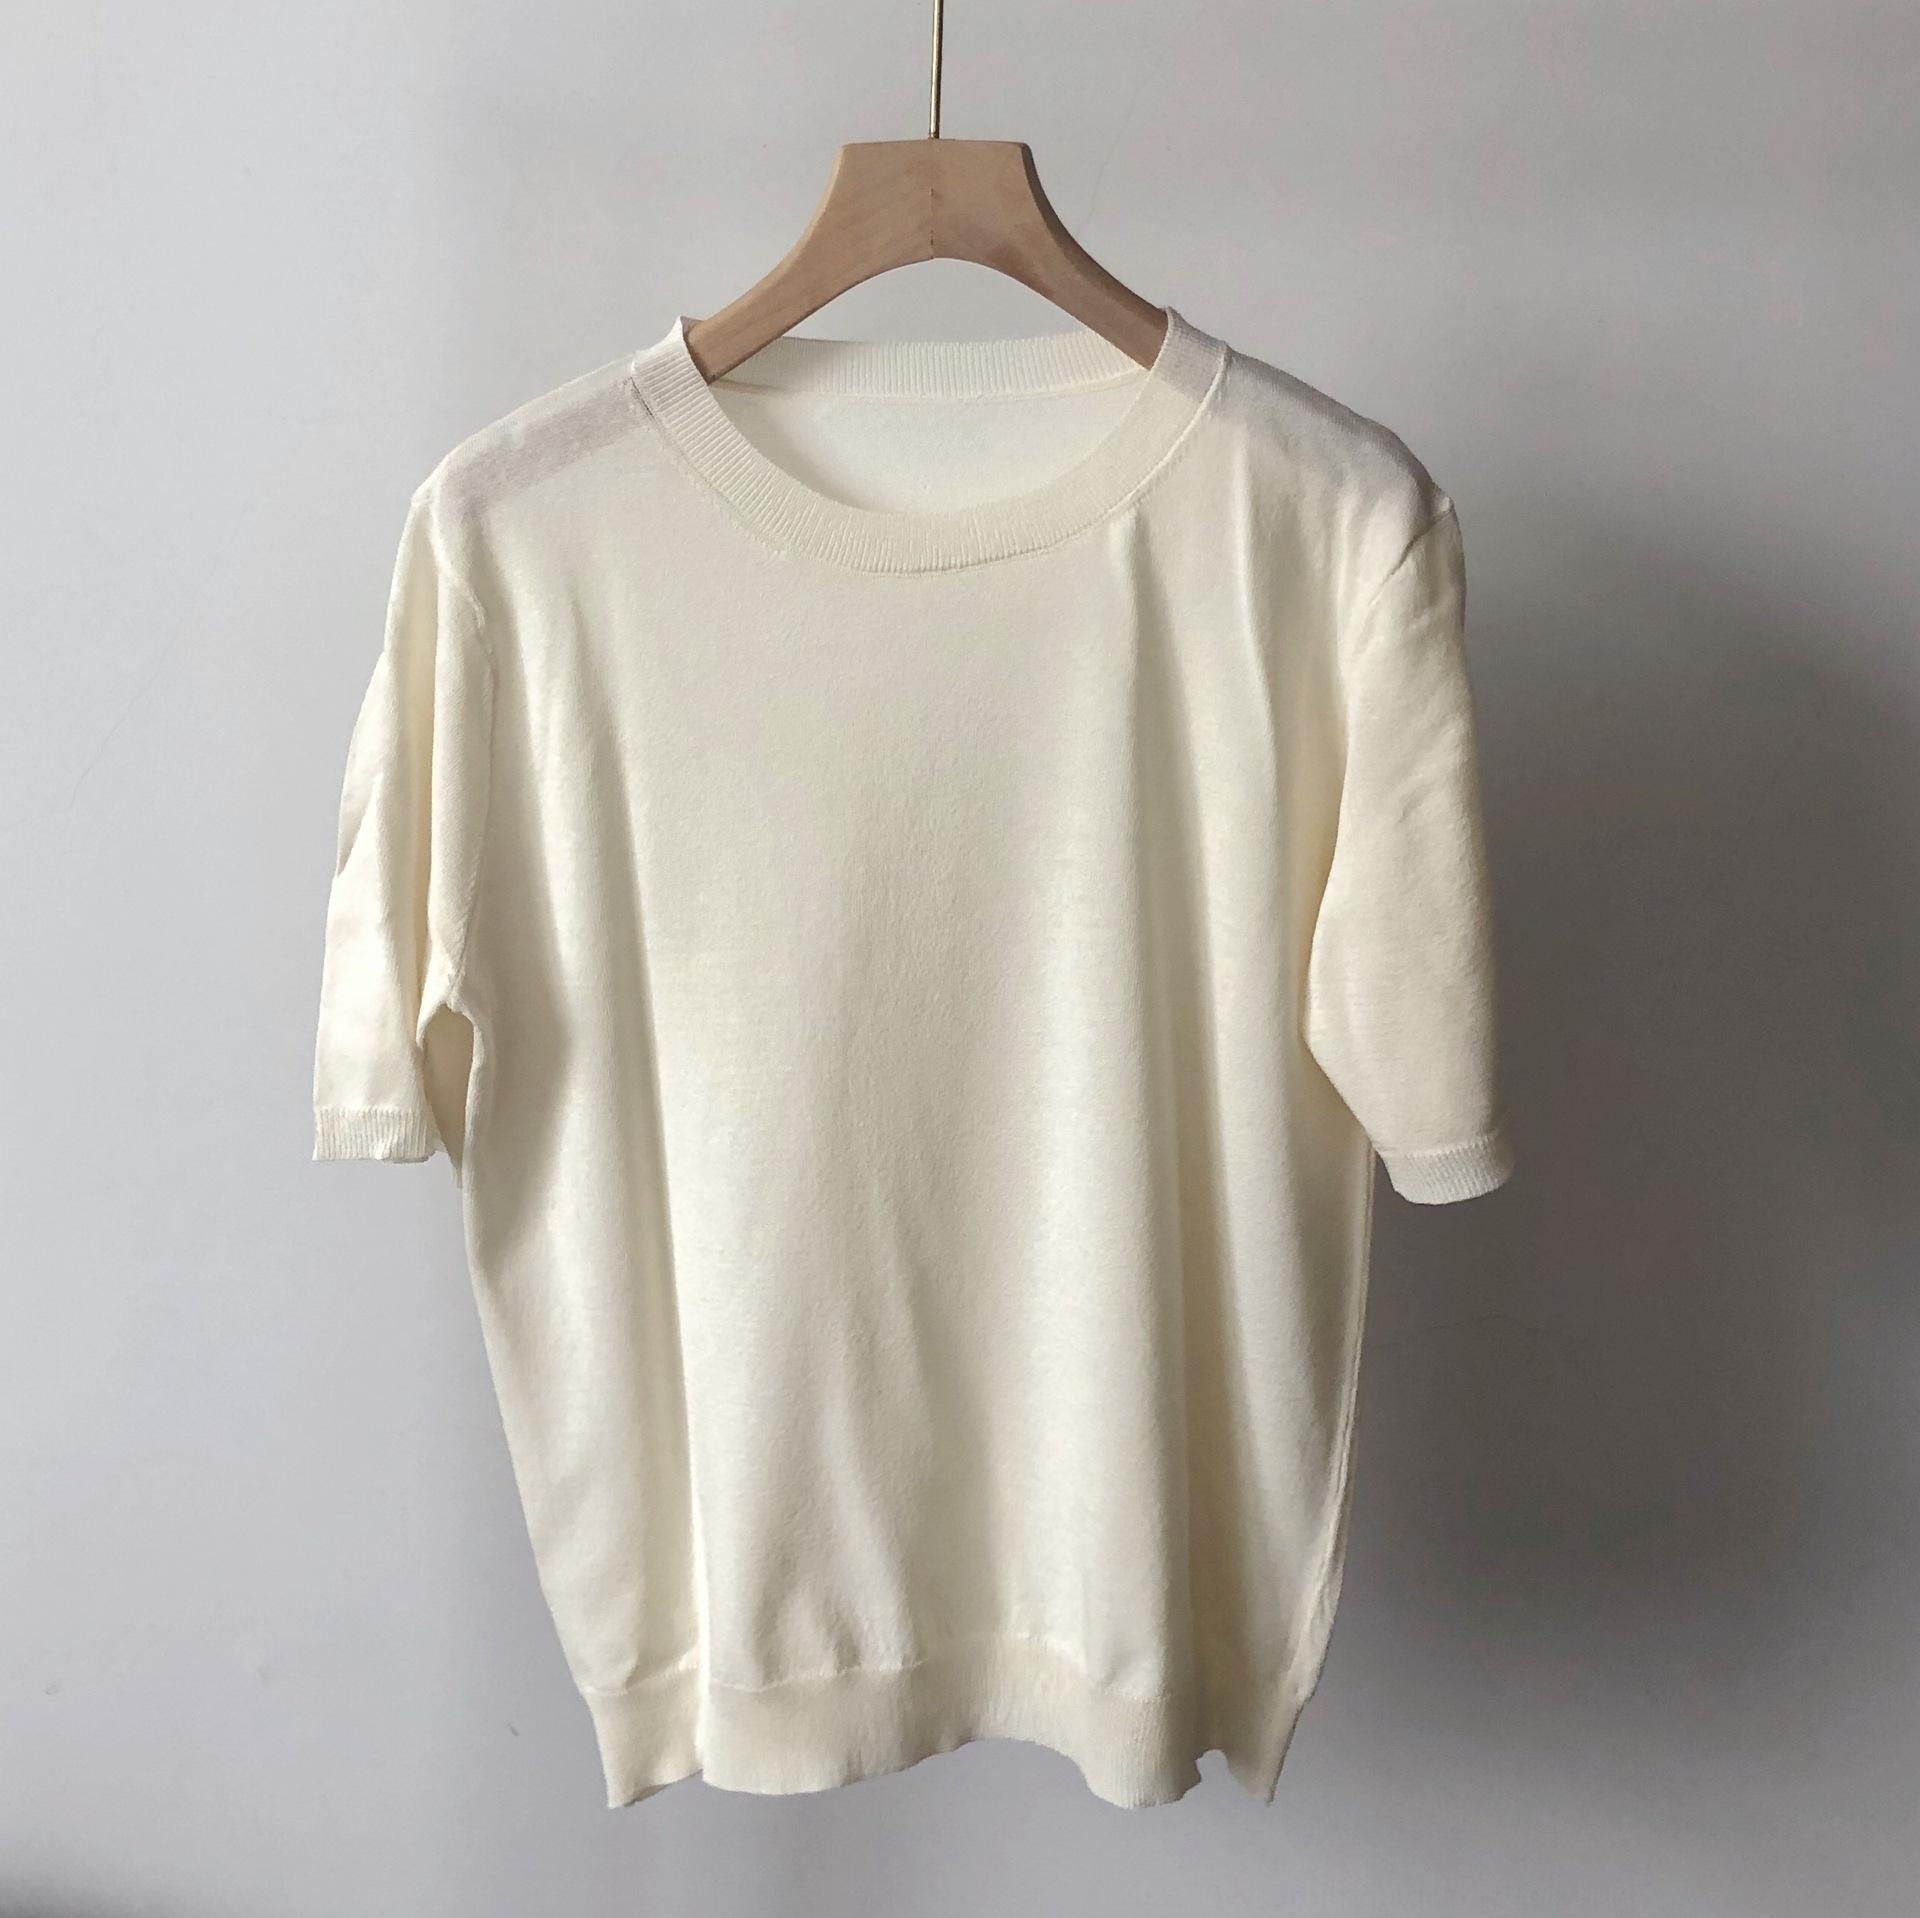 MAX casa mesmo estilo fino forma solta em torno do pescoço pulôver camisa curta mulheres de Verão pulôver malhas Malhas de manga curta